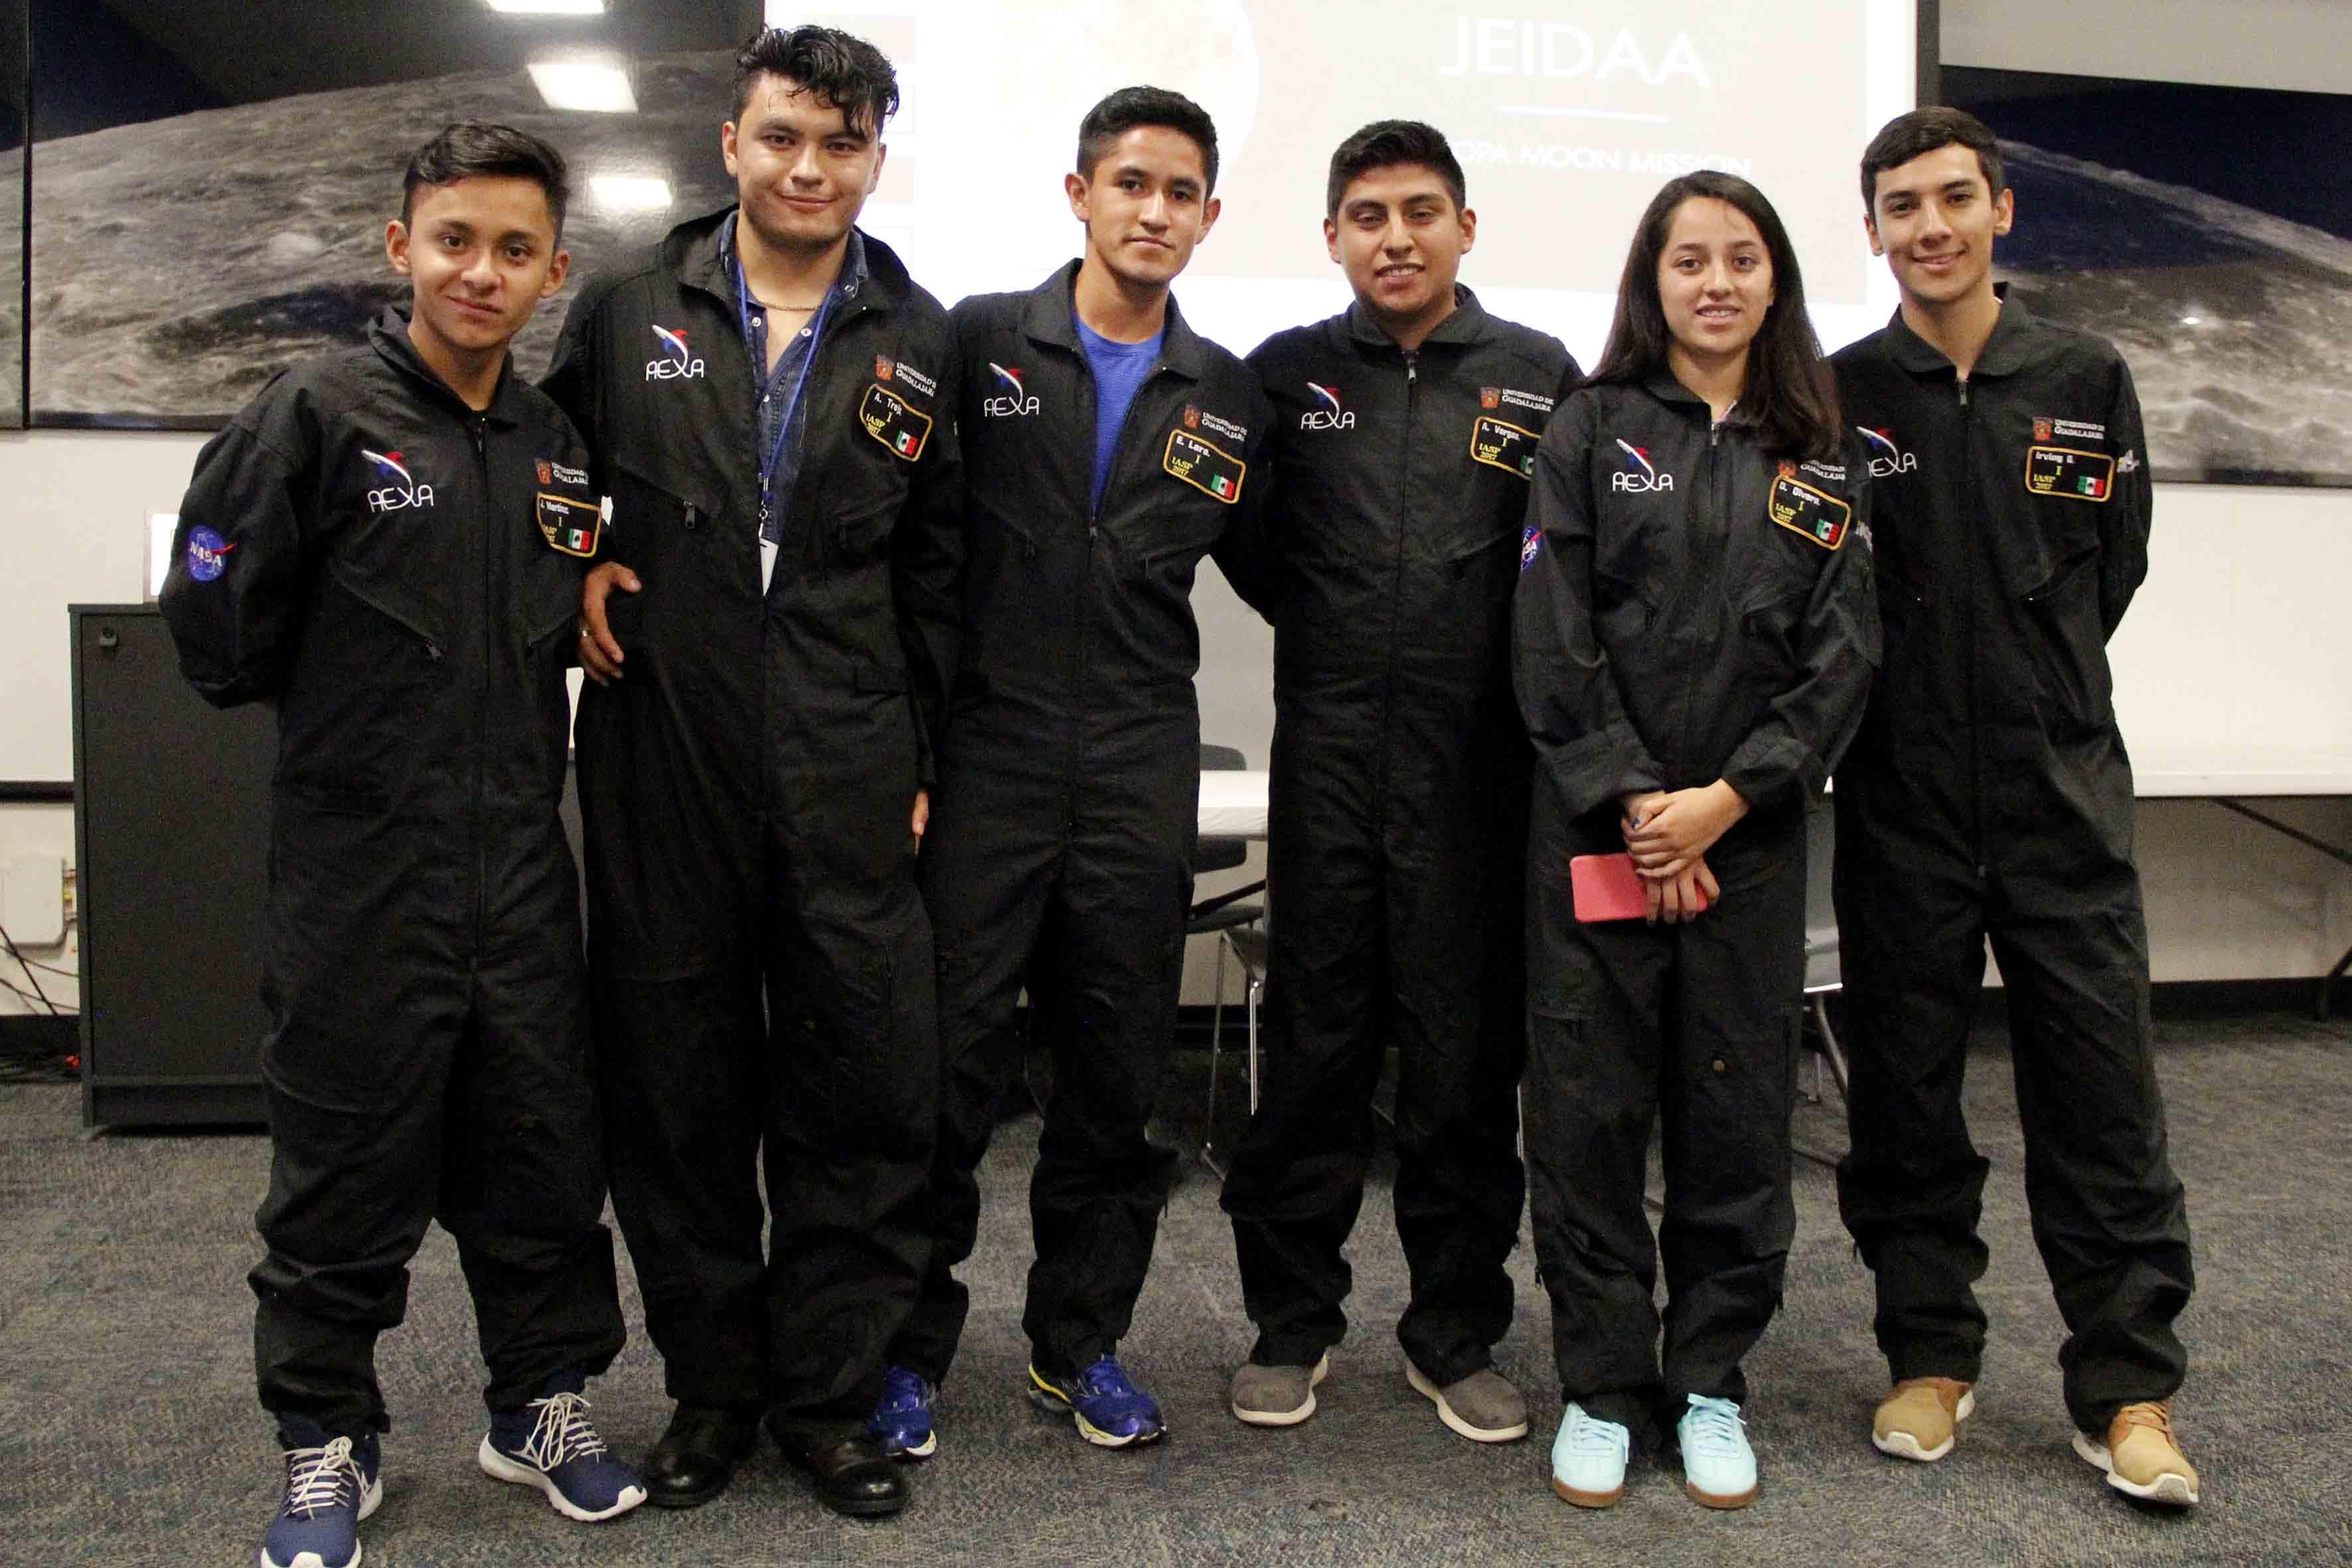 Estudiantes de la Universidad de Guadalajara ganadores de las actividades del International Air and Space Program 2017.